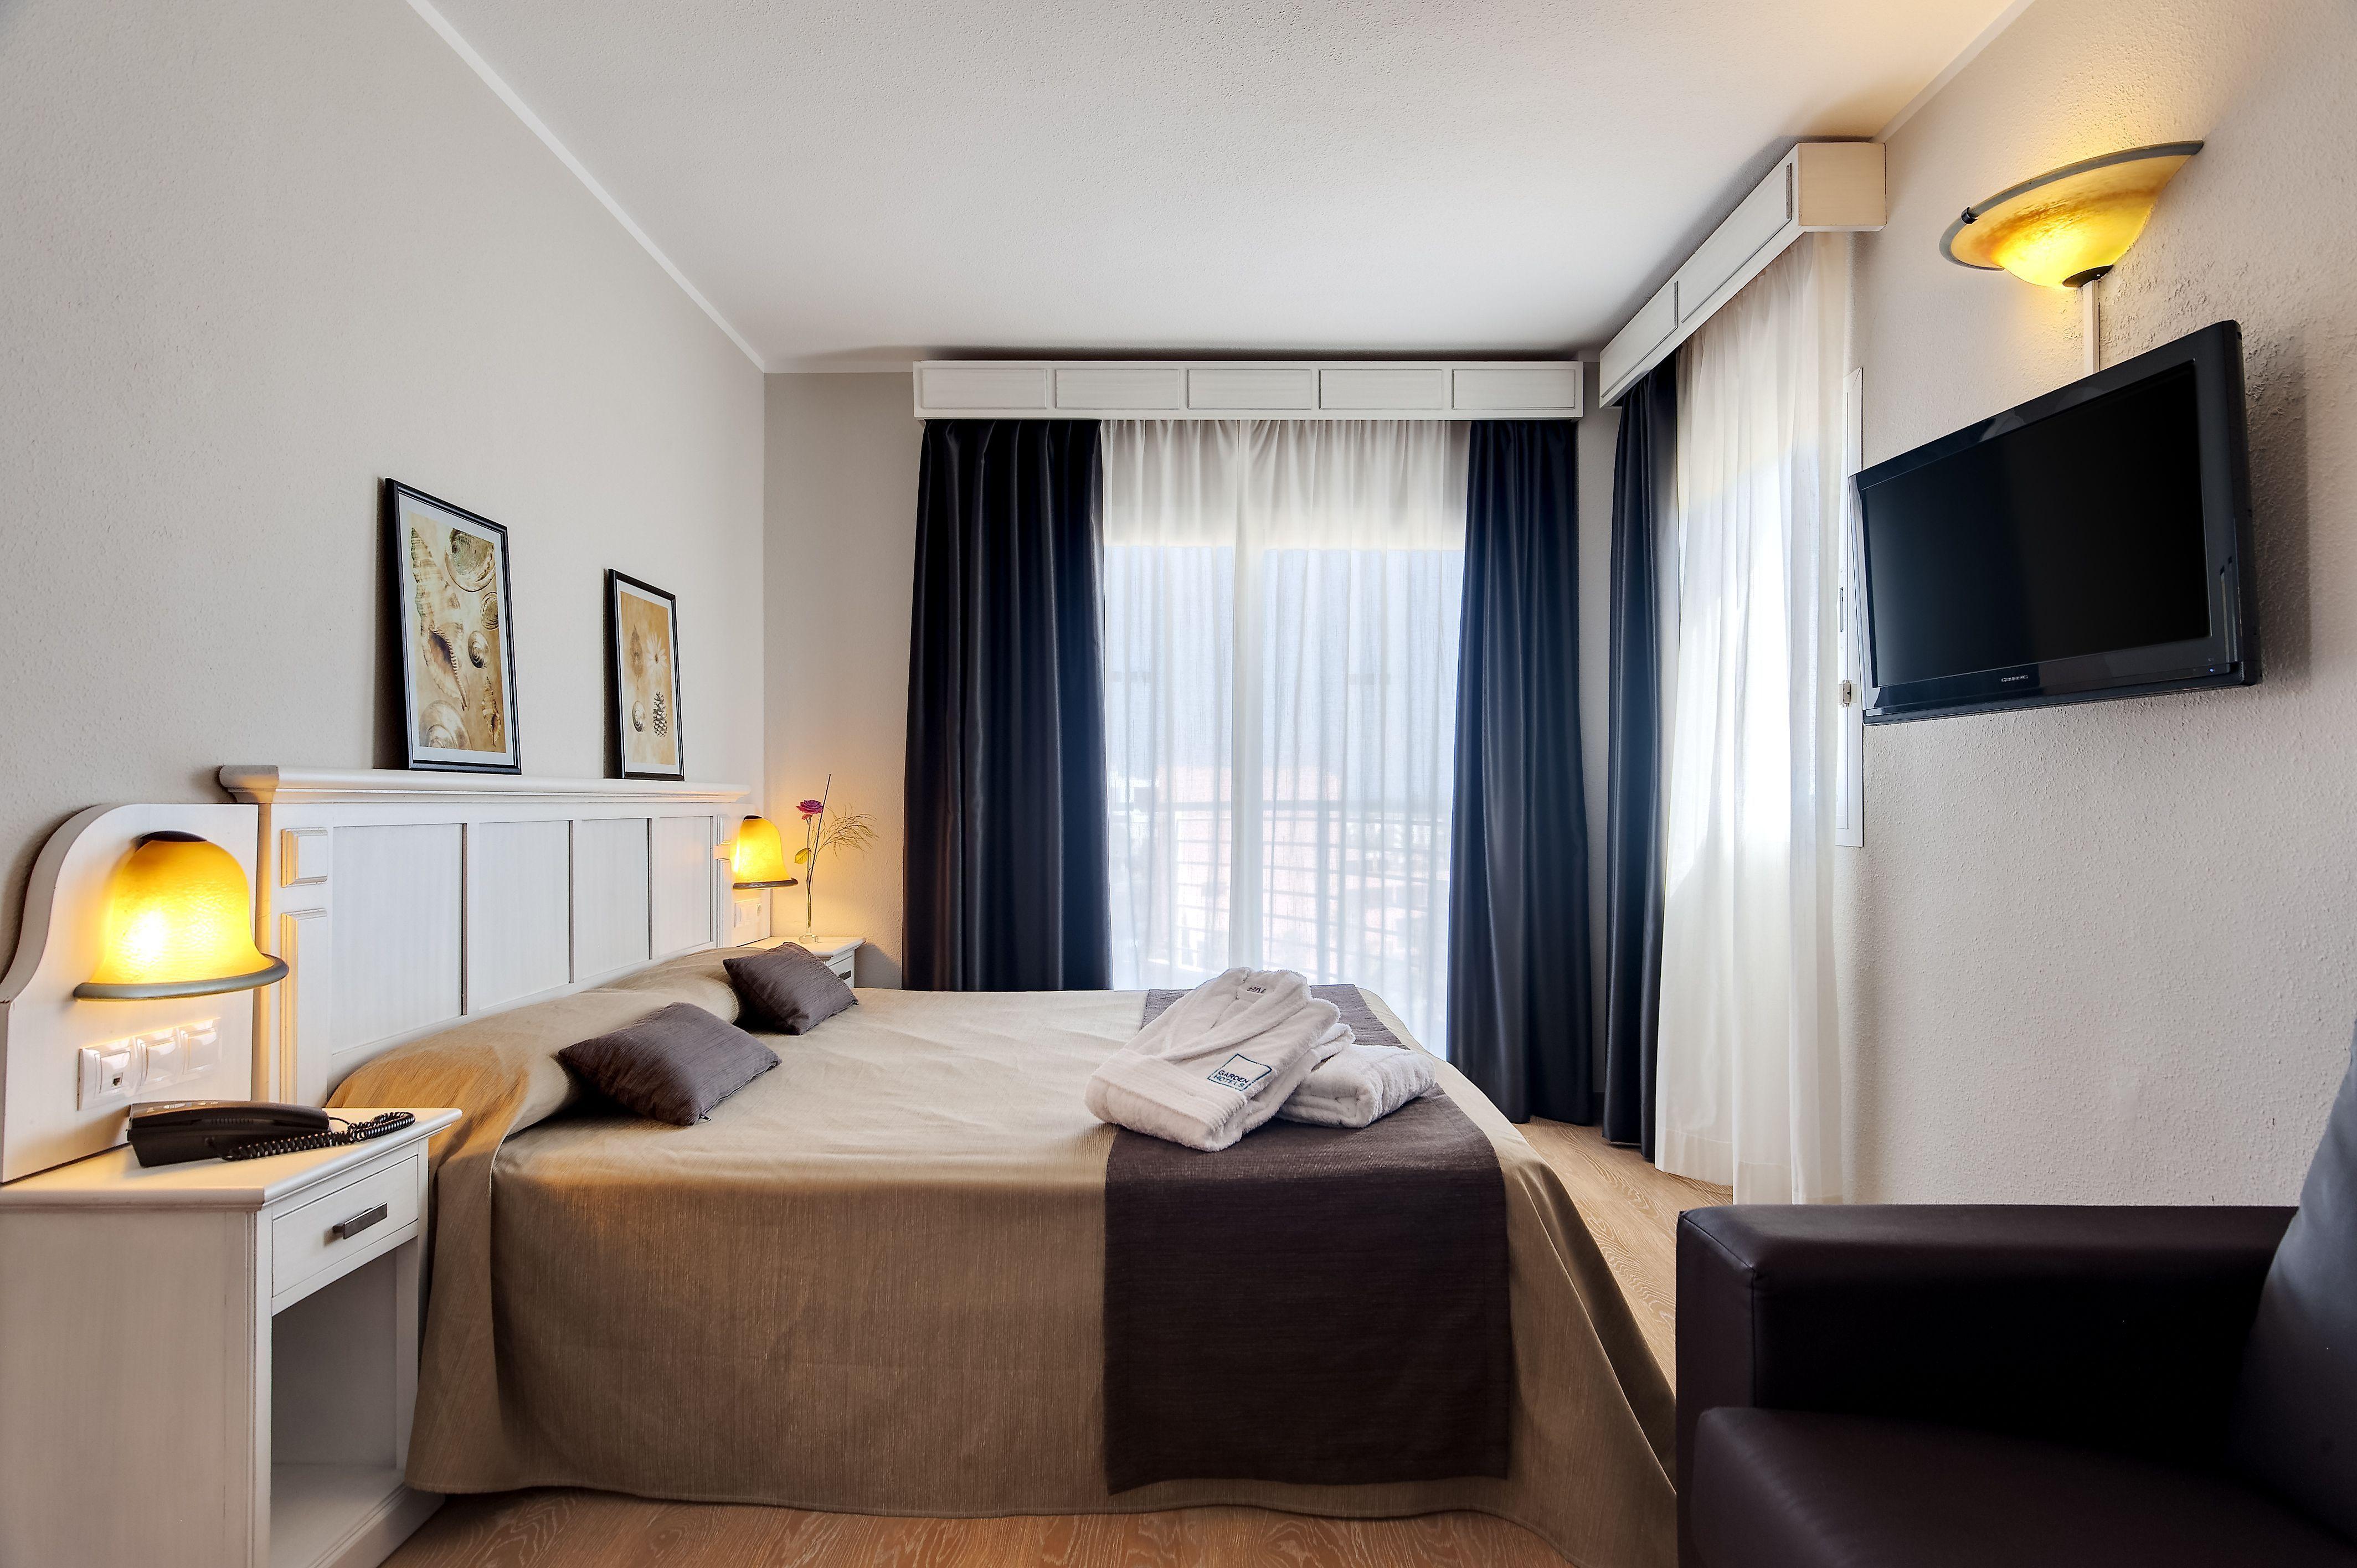 Garden Hotels Es Una Cadena Hotelera Presente En Mallorca Menorca Ibiza Almería Y Huelva Perfecta Para Parejas Famil Decoraciones De Casa Hoteles Mallorca